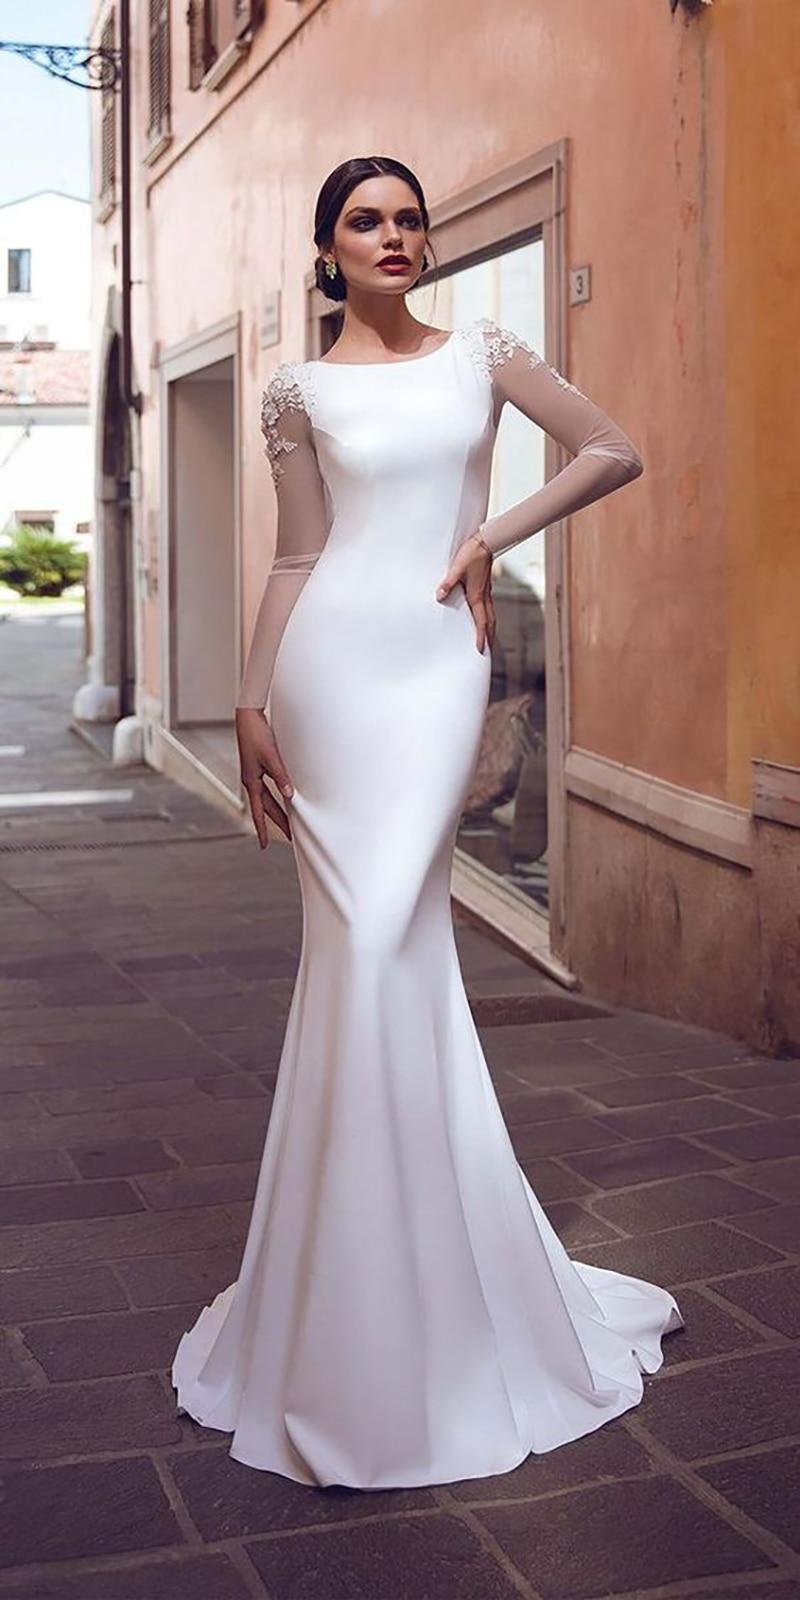 Verngo Della Sirena Abito da Sposa di Boho Del Merletto Appliques Abiti da Sposa 2020 Abiti da Sposa Semplici Stain Abiti da Sposa